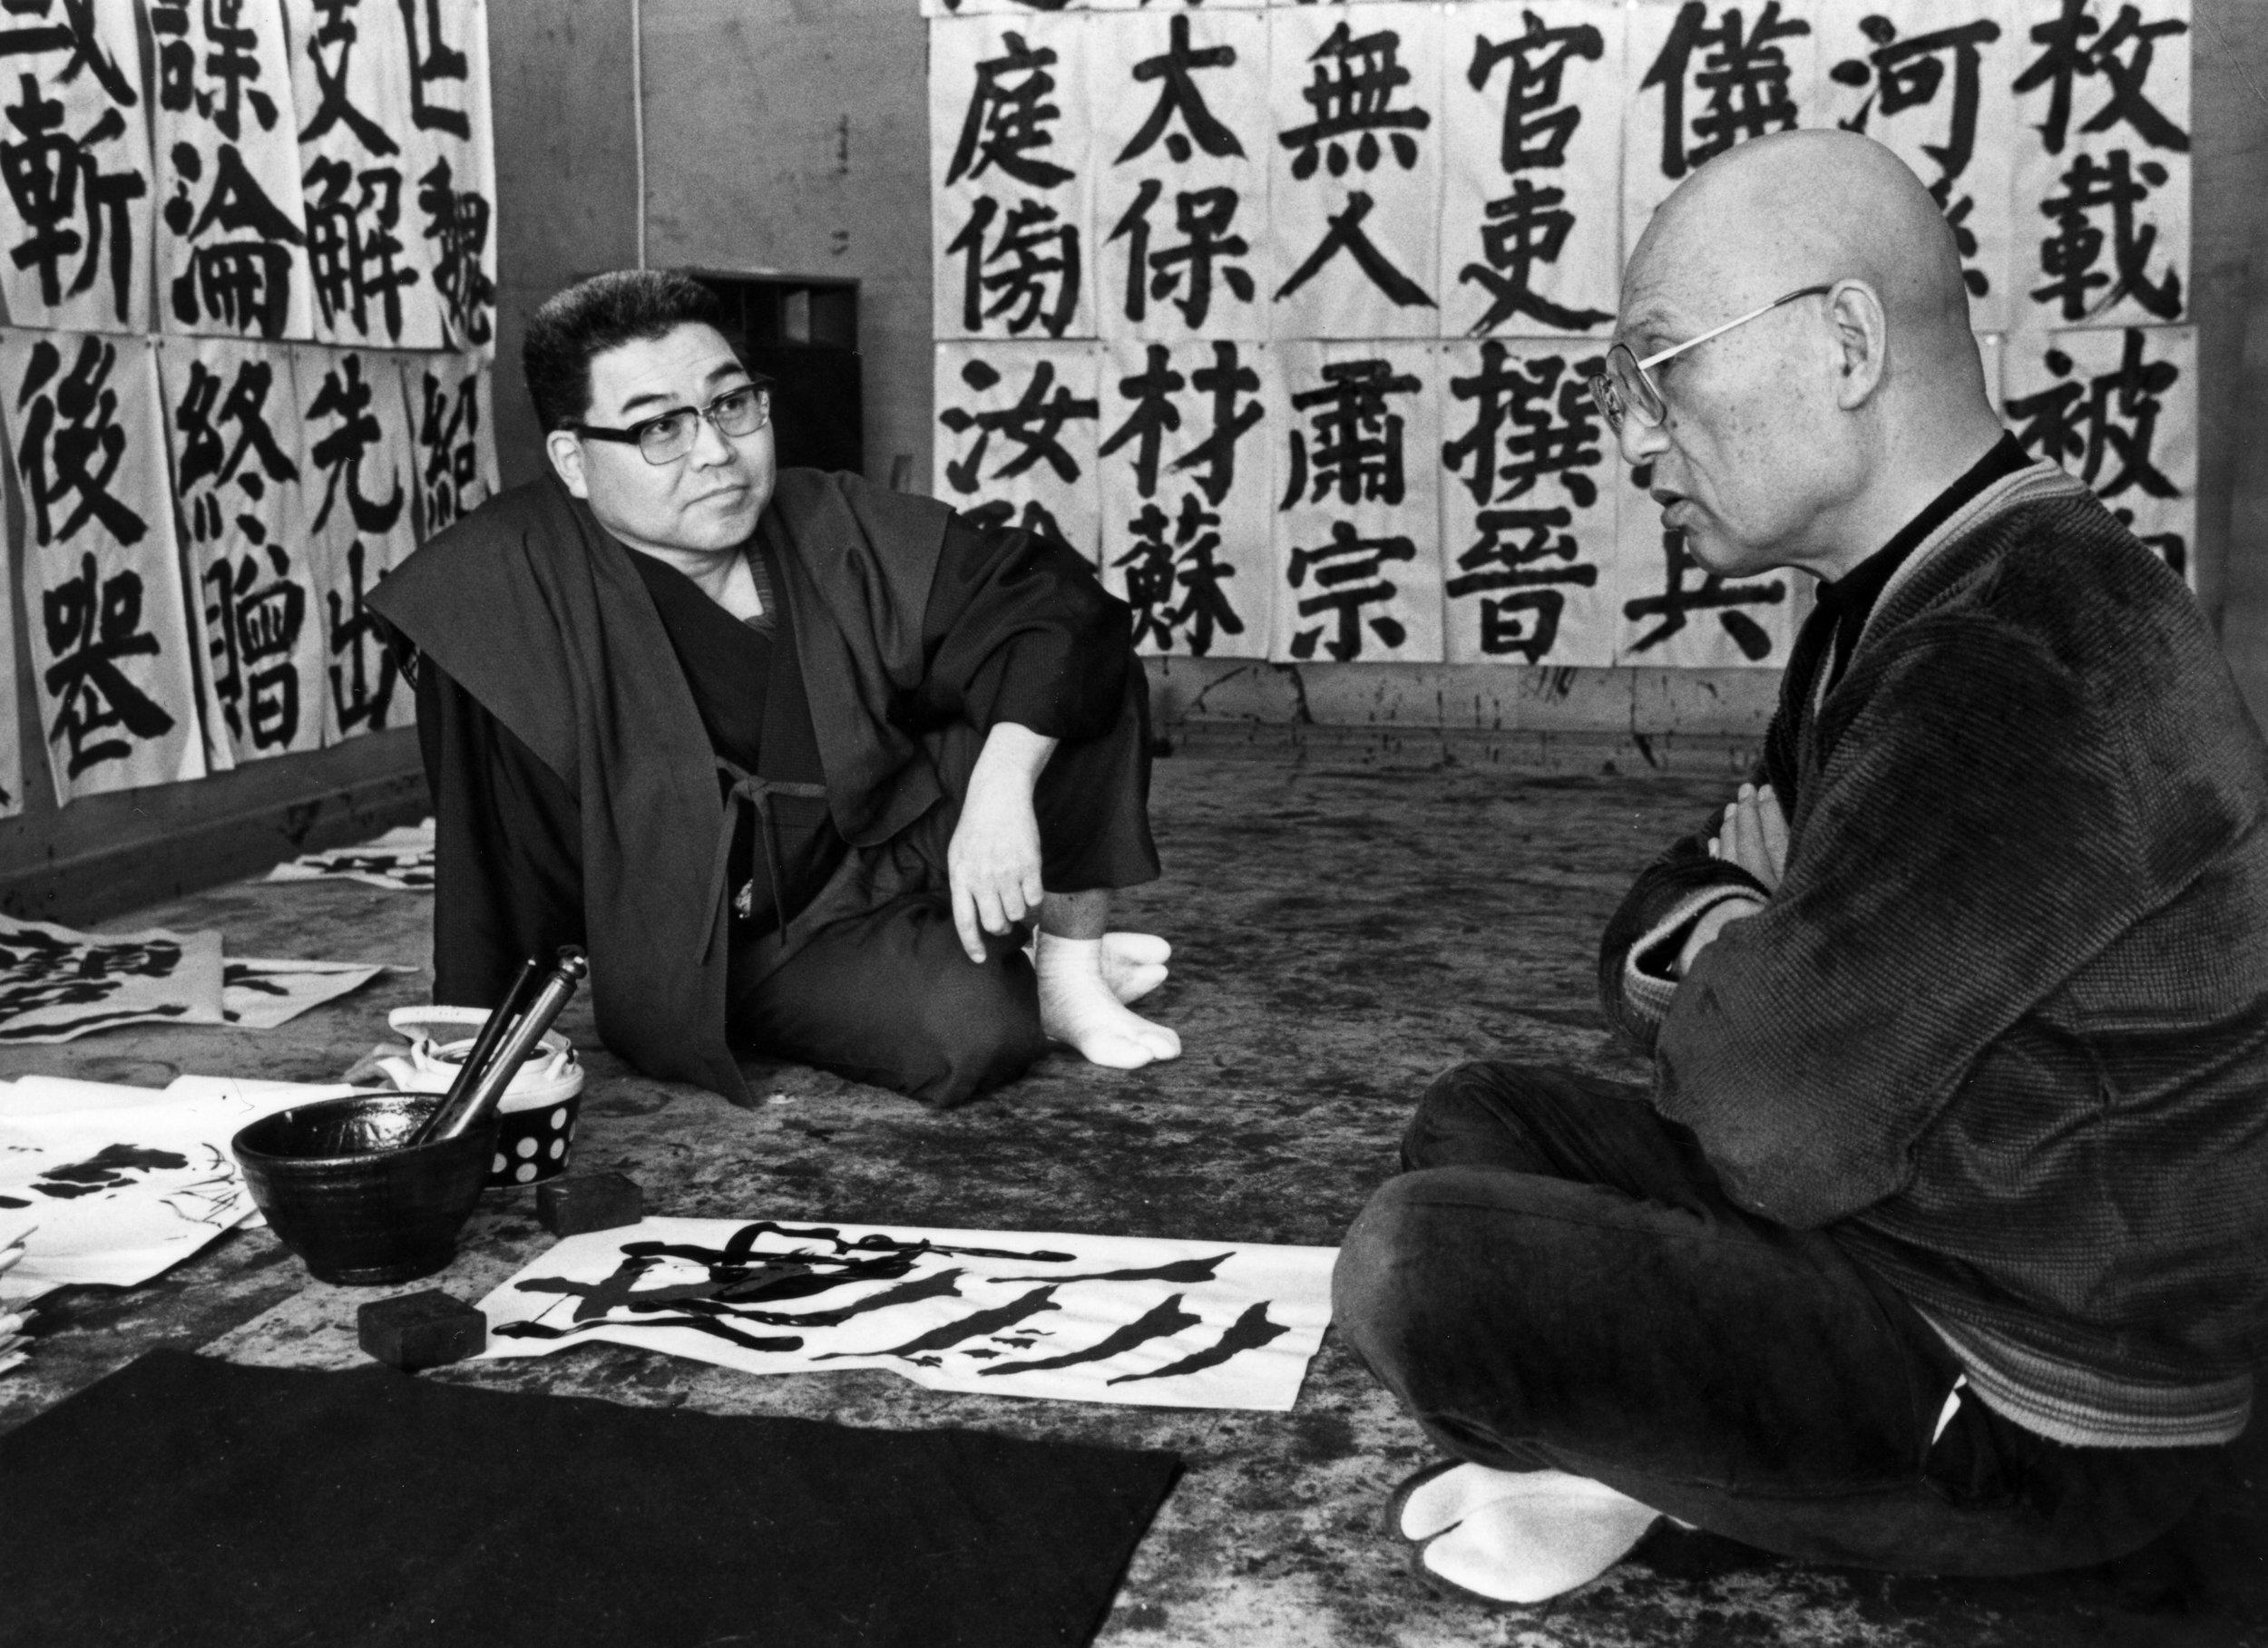 晩年、海上雅臣と自宅アトリエで会う井上有一   Yu-ichi Inoue met Masaomi Unagami in his later years.